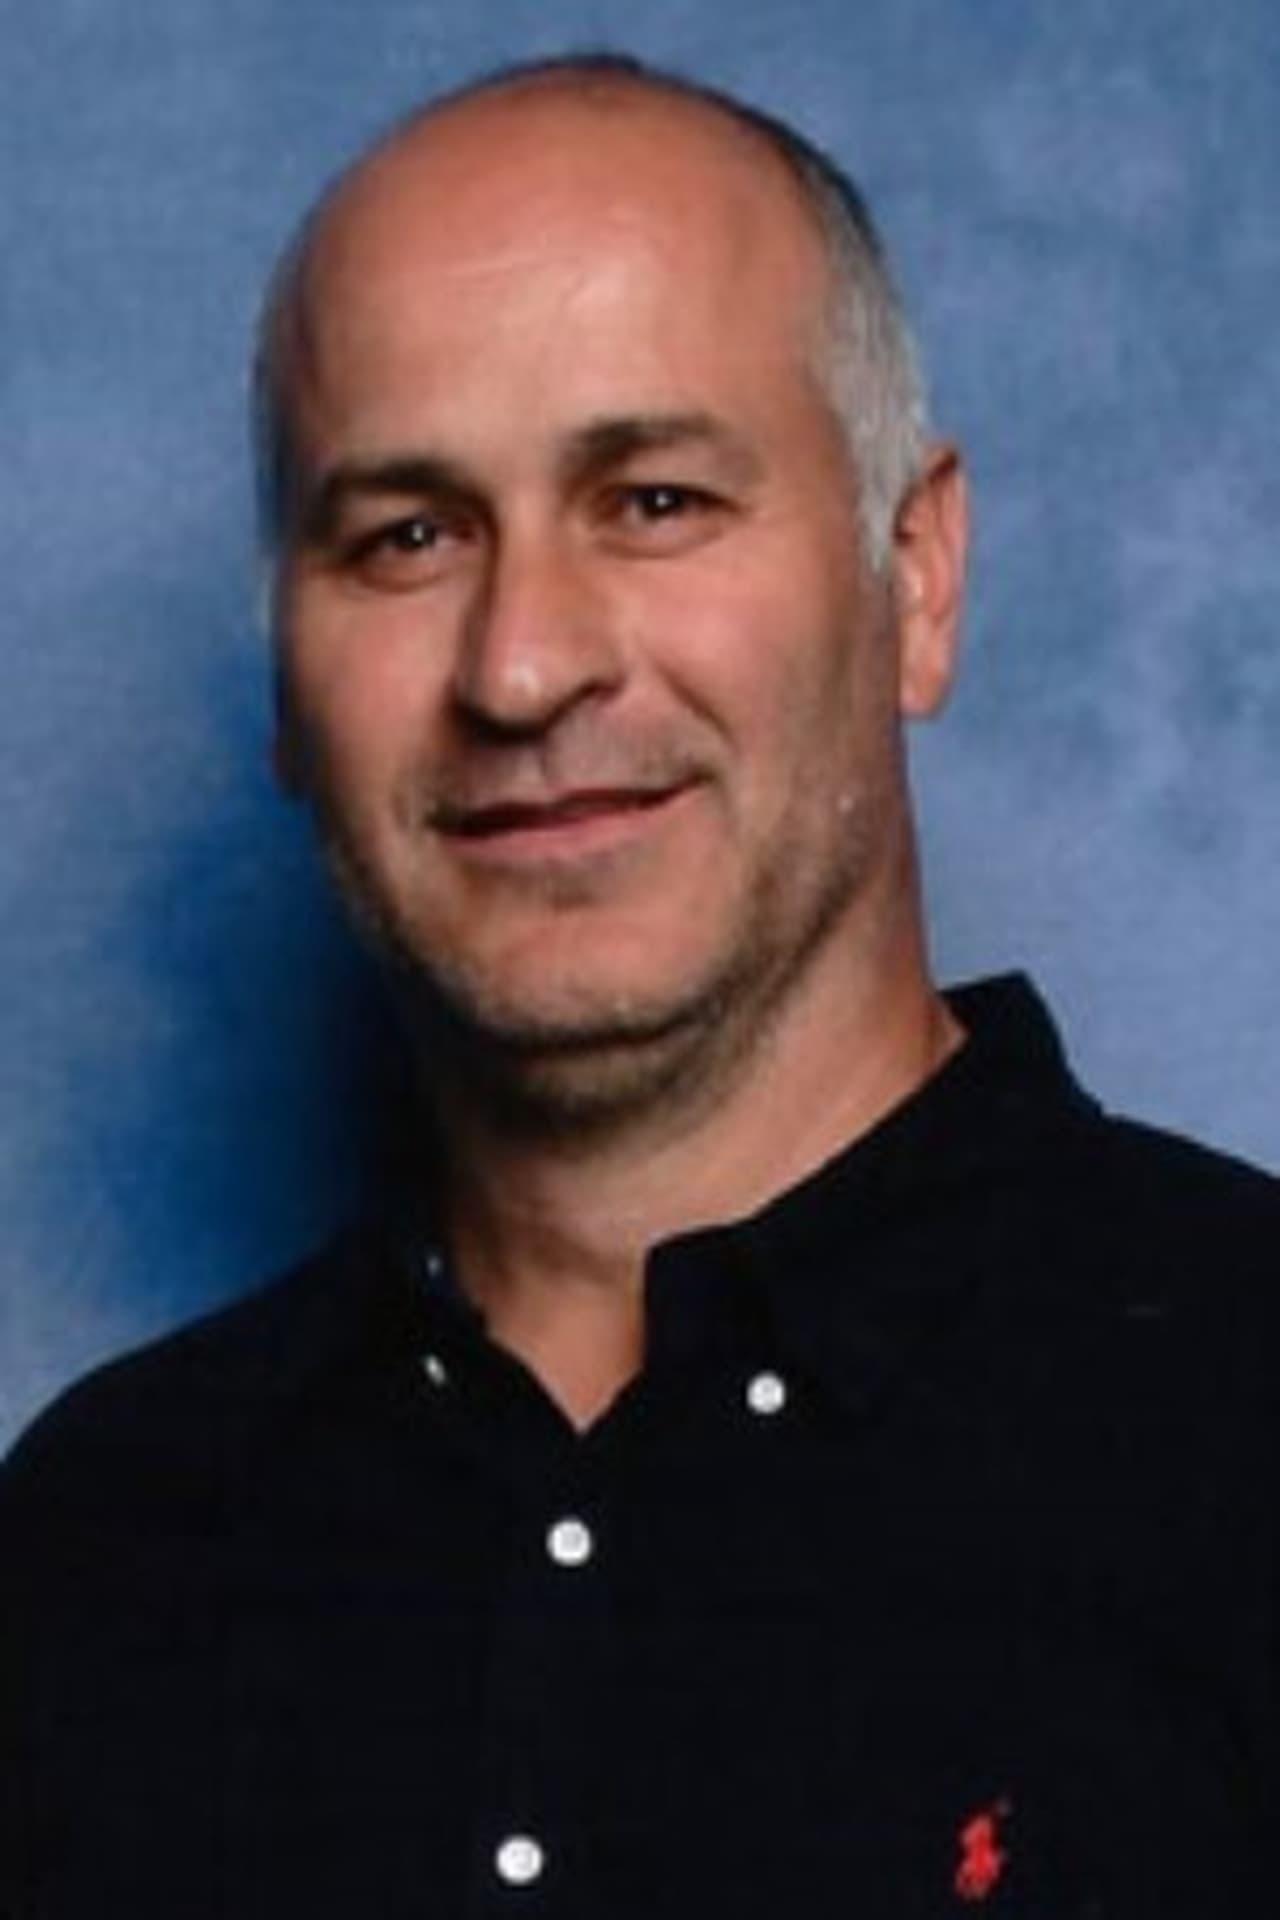 Daniel Naprous